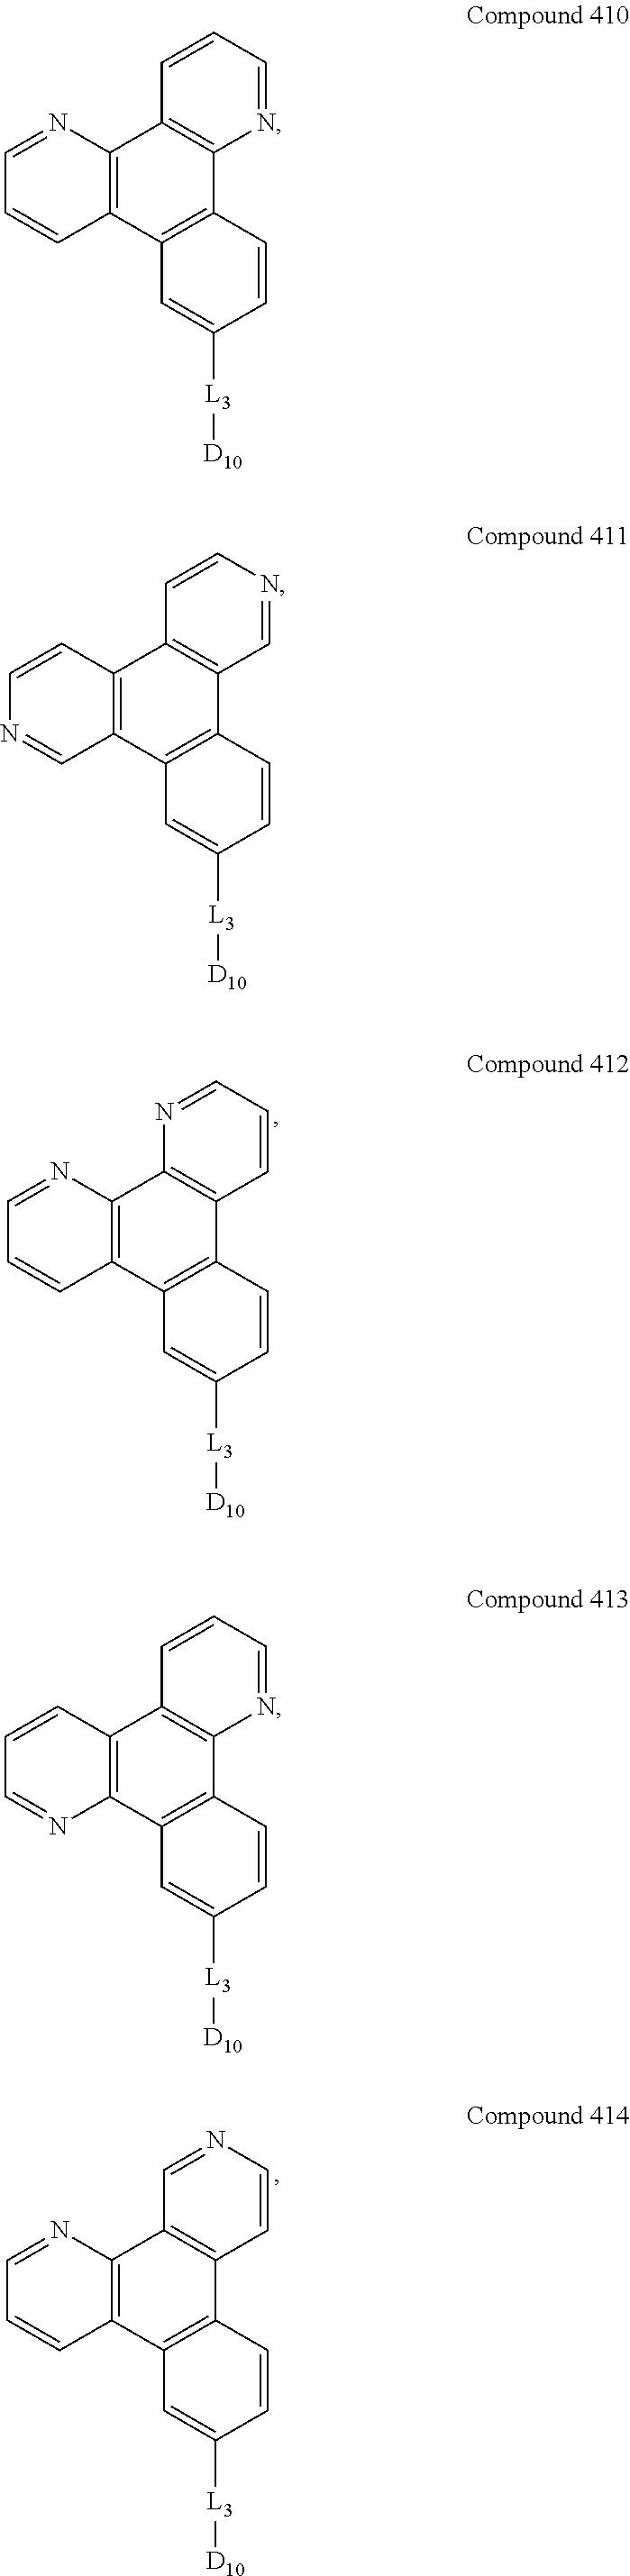 Figure US09537106-20170103-C00556